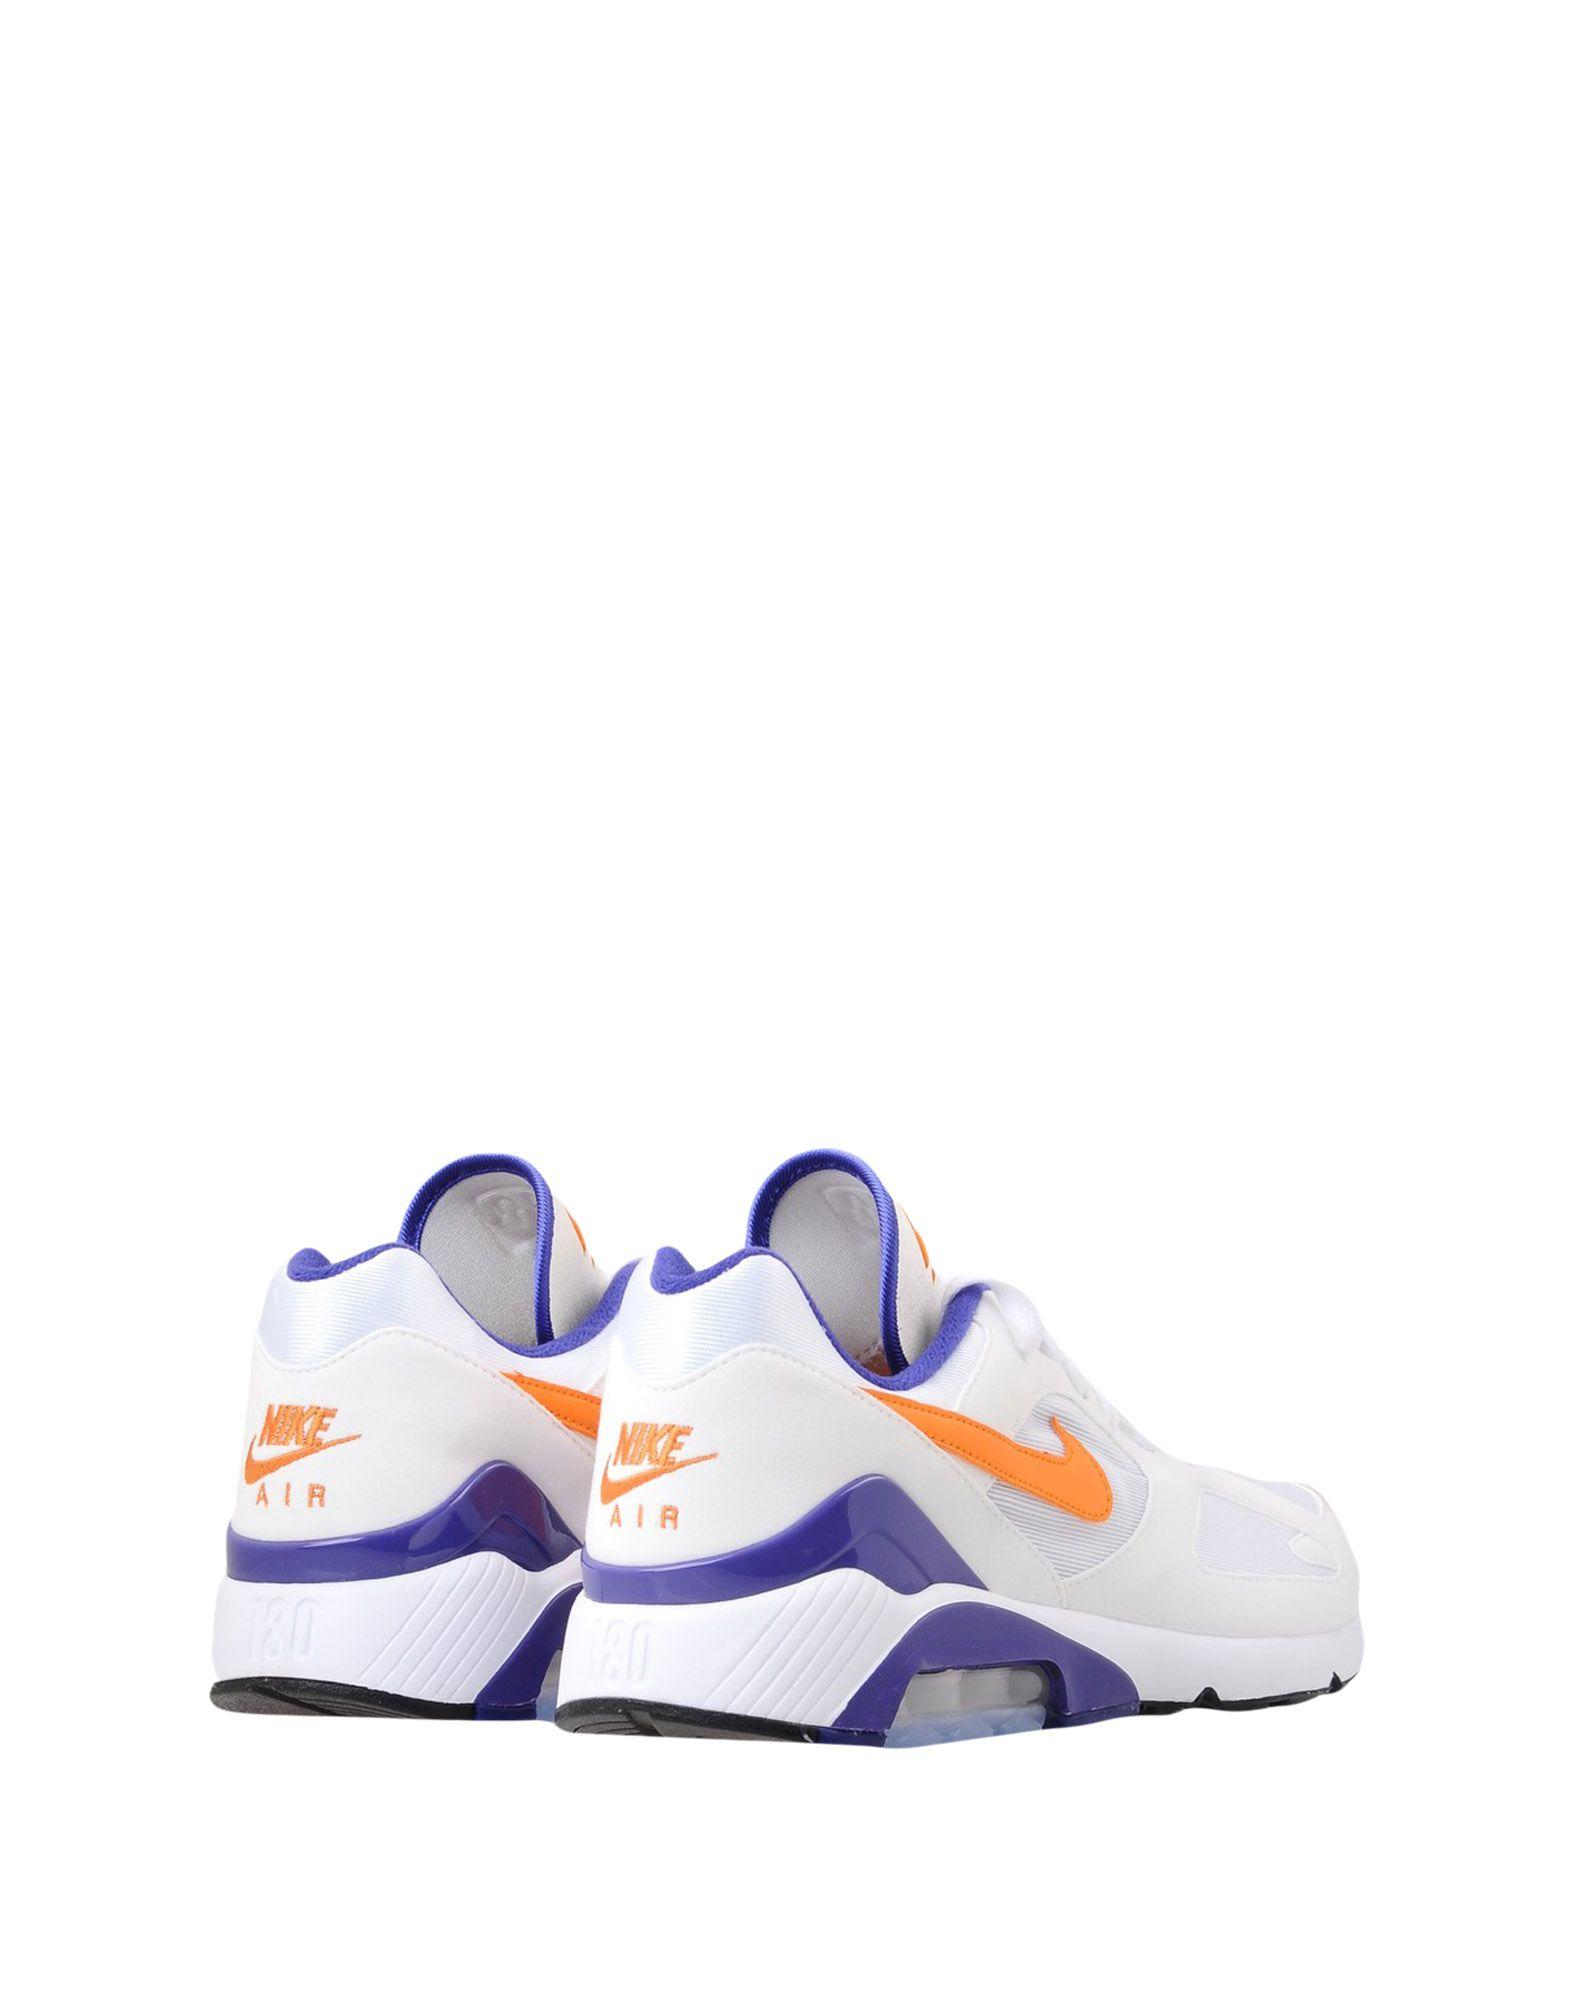 Sneakers Nike Air Max 180 - Homme - Sneakers Nike sur